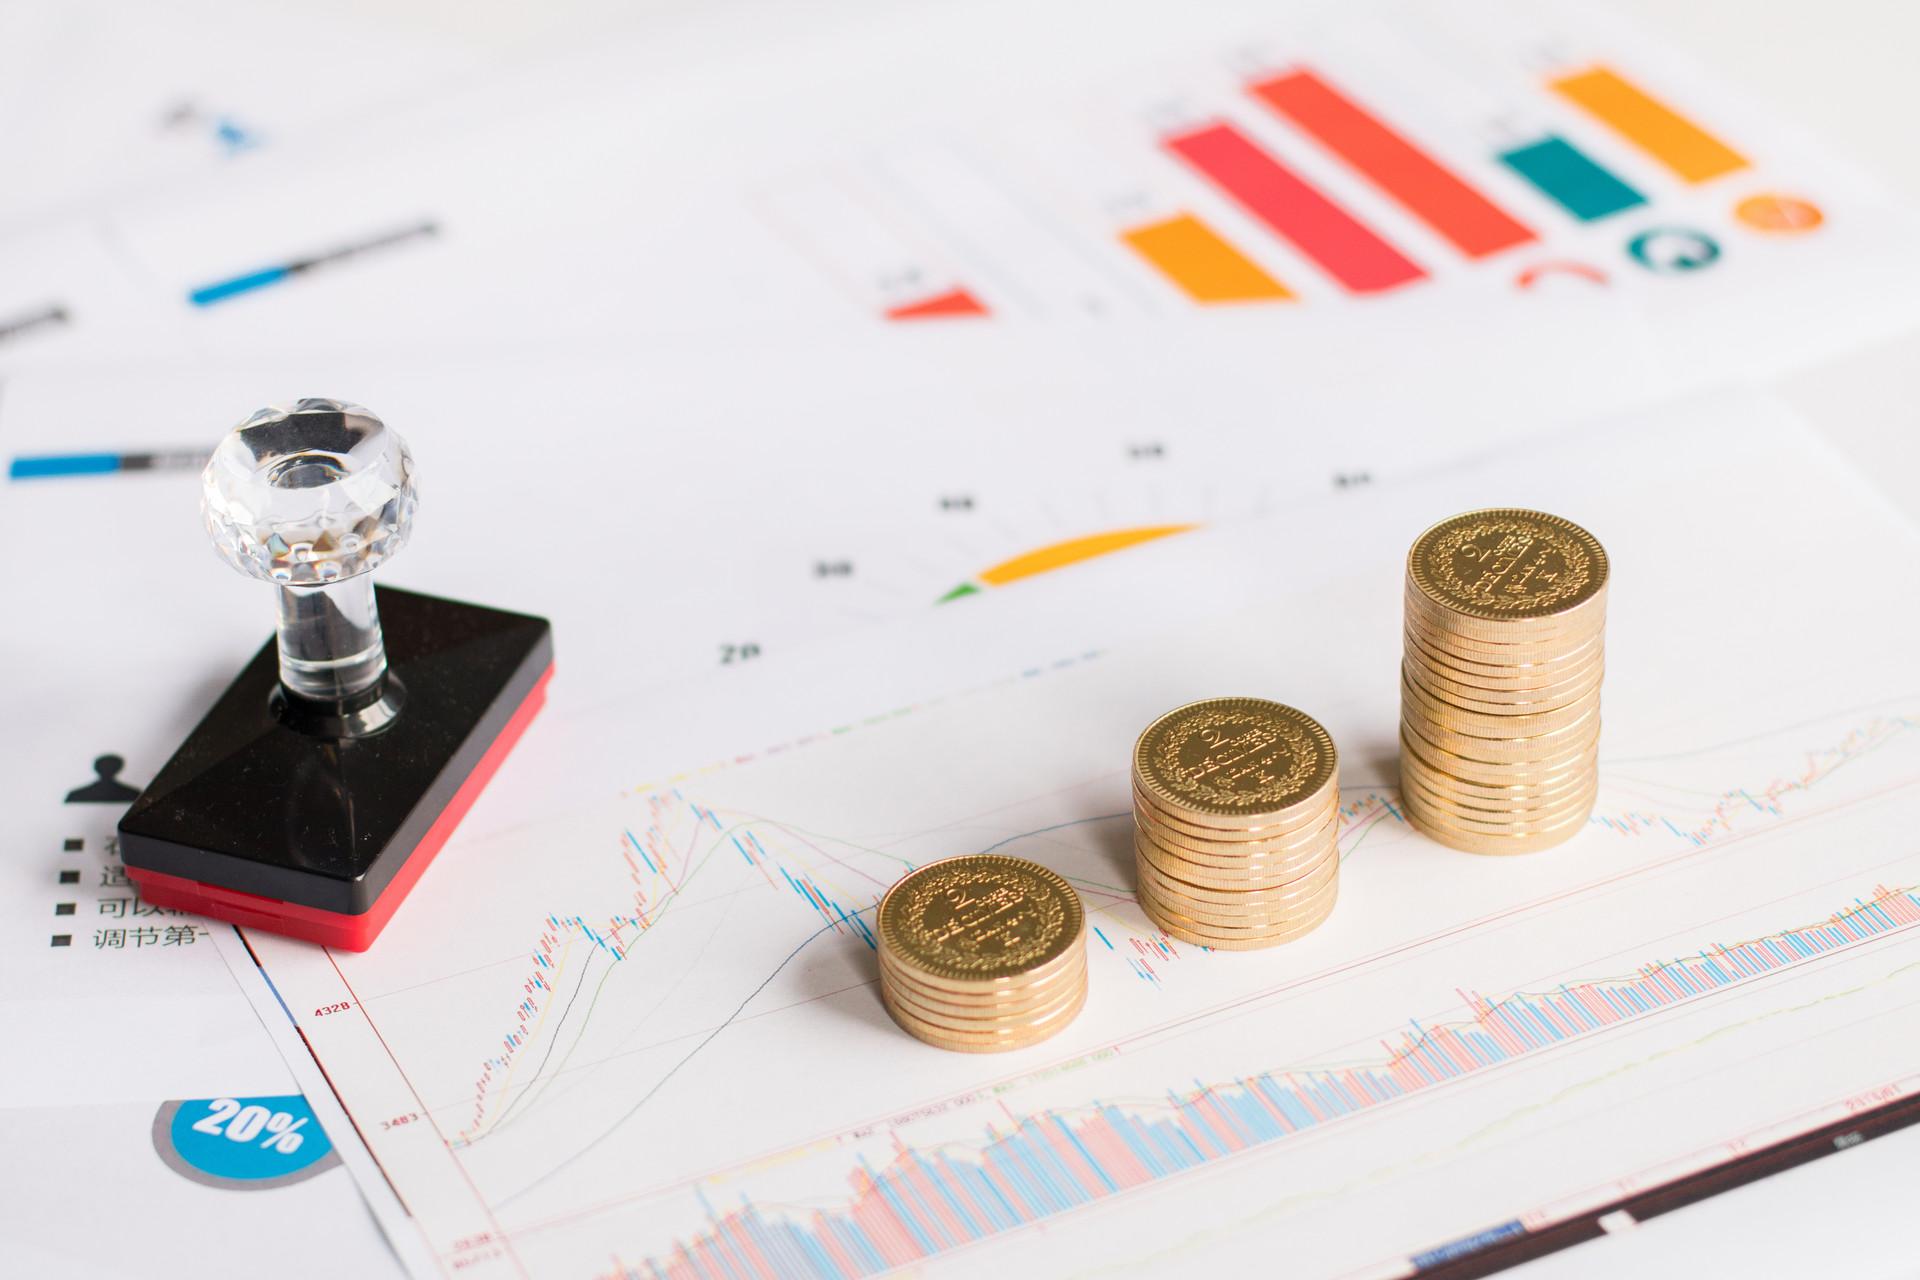 证监会明确非上市公众公司股权激励和员工持股计划监管要求